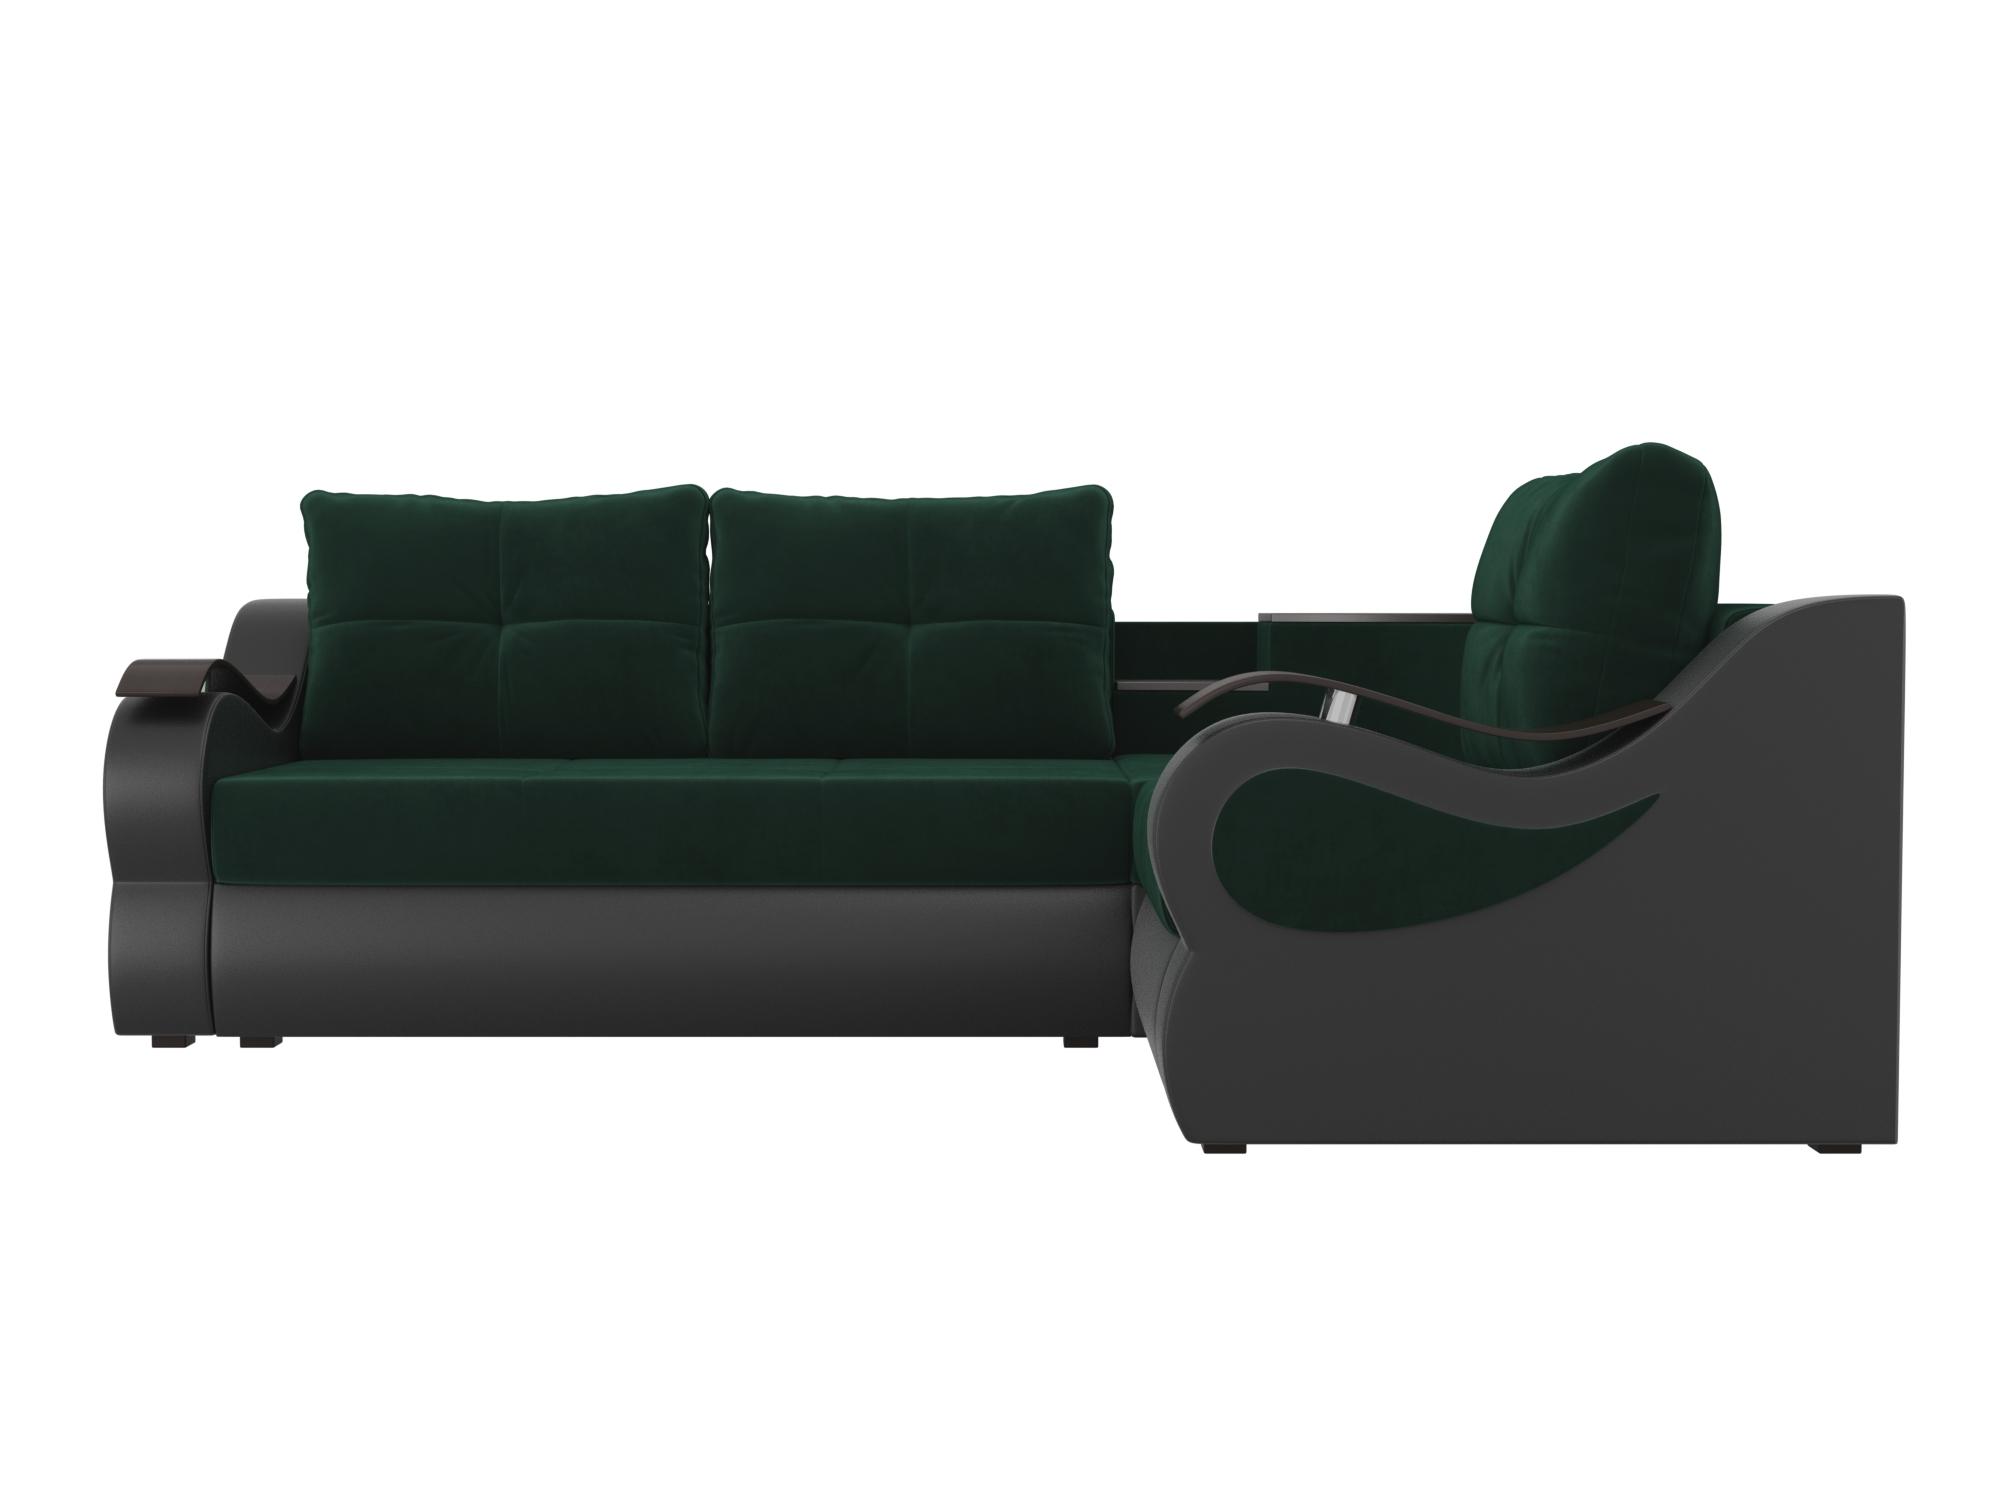 Угловой диван Митчелл Правый MebelVia Зеленый, Коричневый, Велюр, ЛДС Зеленый, Коричневый